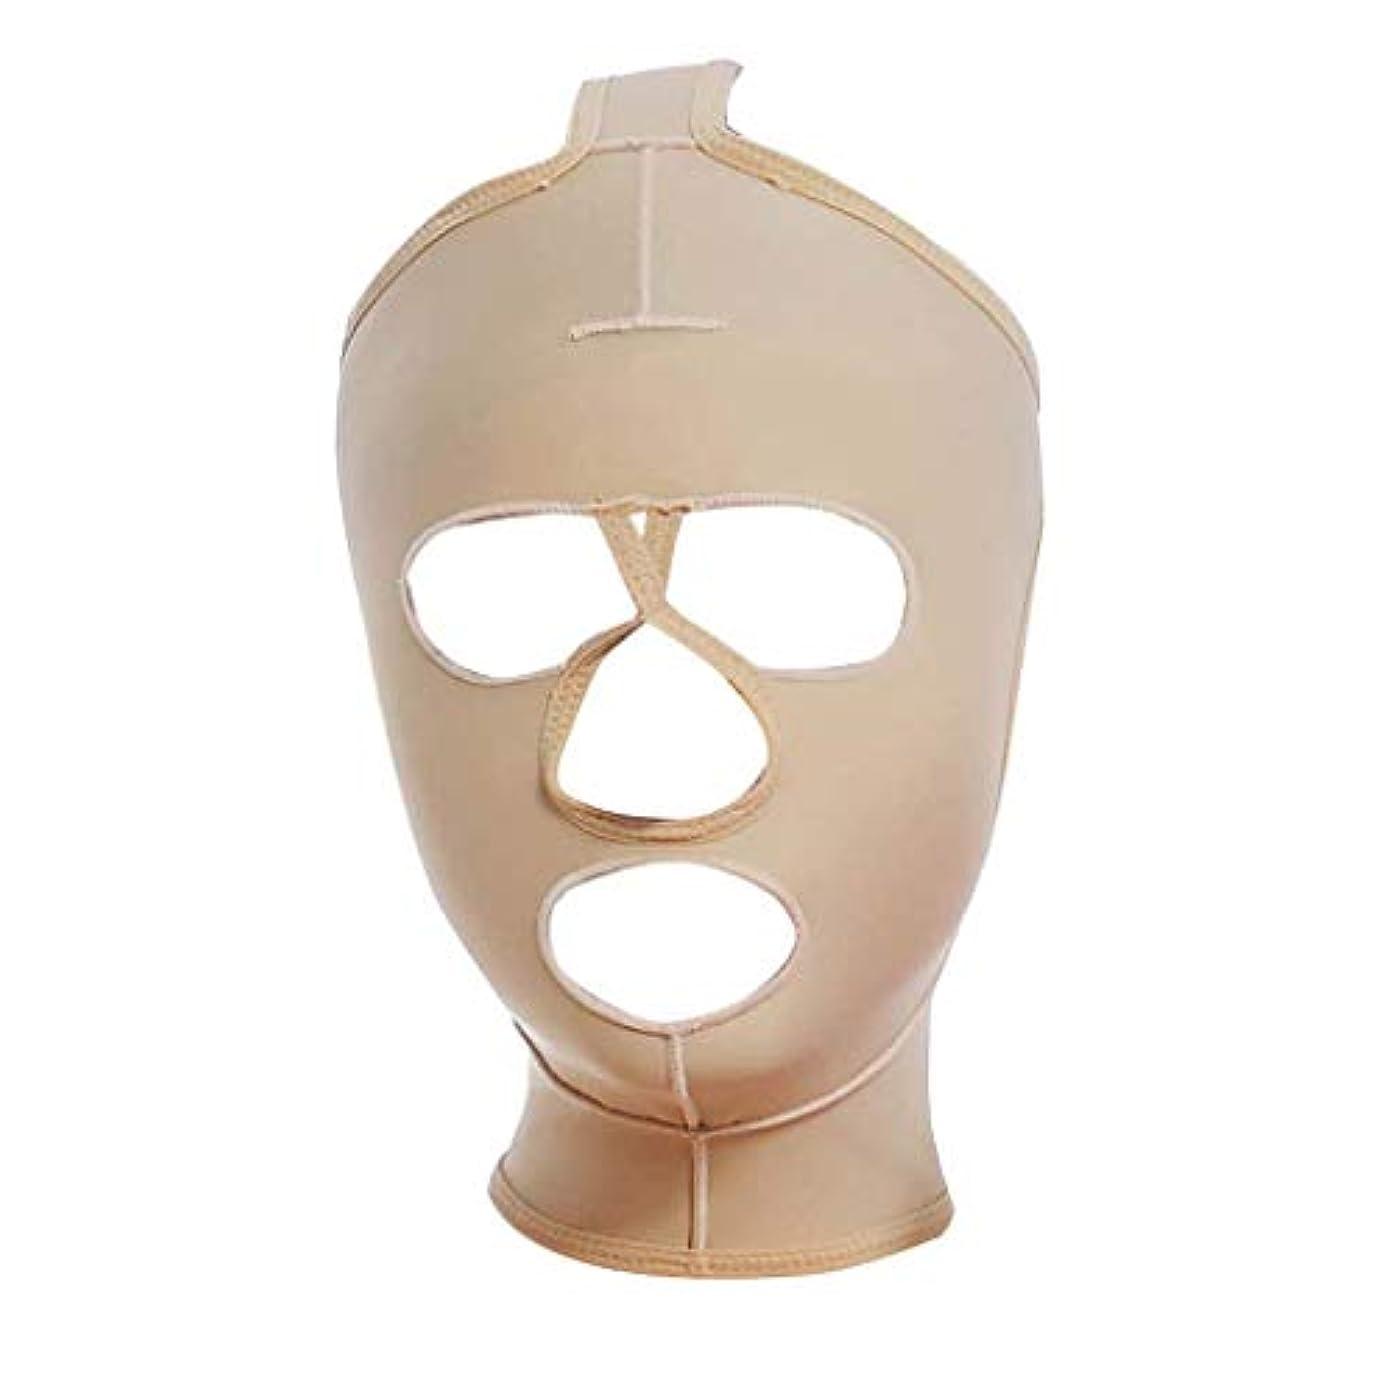 改善する保持ダースフェイス&ネックリフト、減量フェイスマスク脂肪吸引術脂肪吸引術整形マスクフードフェイスリフティングアーティファクトVフェイスビームフェイス弾性スリーブ(サイズ:XXL),XS